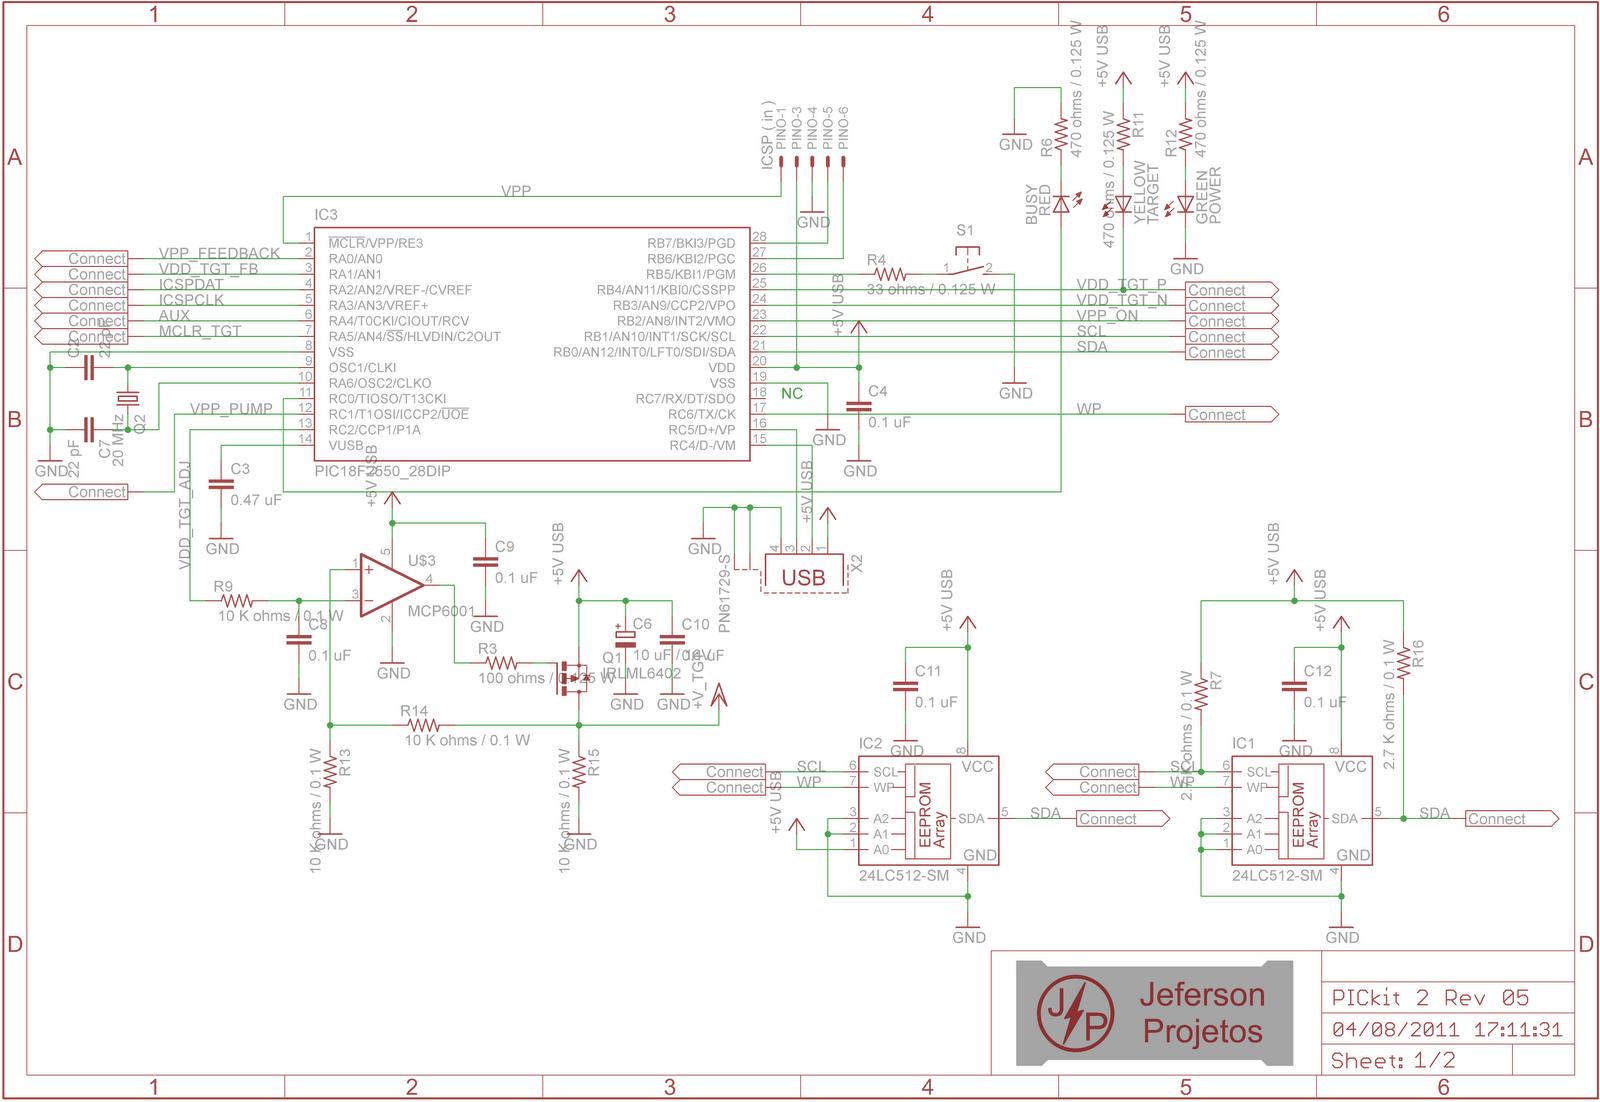 PICkit2_Schematic_pag_01 Pickit Clone Schematic on eeprom programmer schematic, camera schematic, ipad schematic, h bridge schematic, microcontroller schematic, avr schematic, usb schematic, blinking led schematic, eprom programmer schematic, breadboard schematic, arduino schematic,